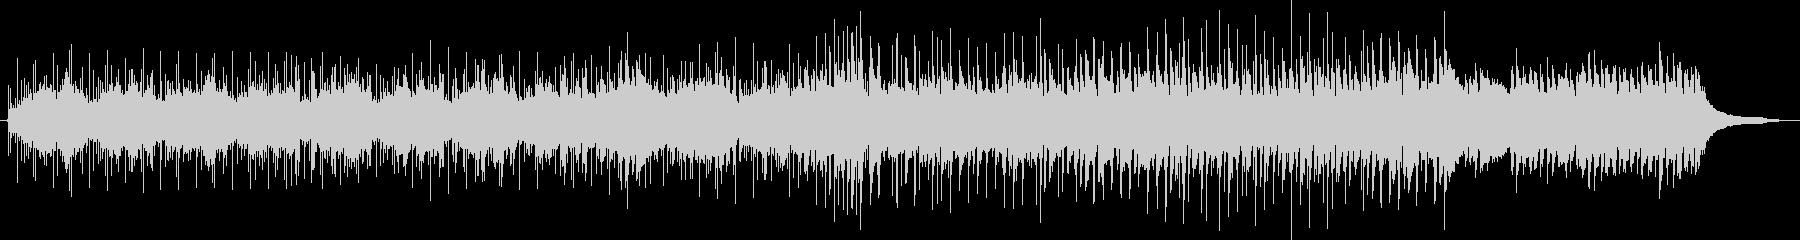 リズムカルコンガミュージックの未再生の波形